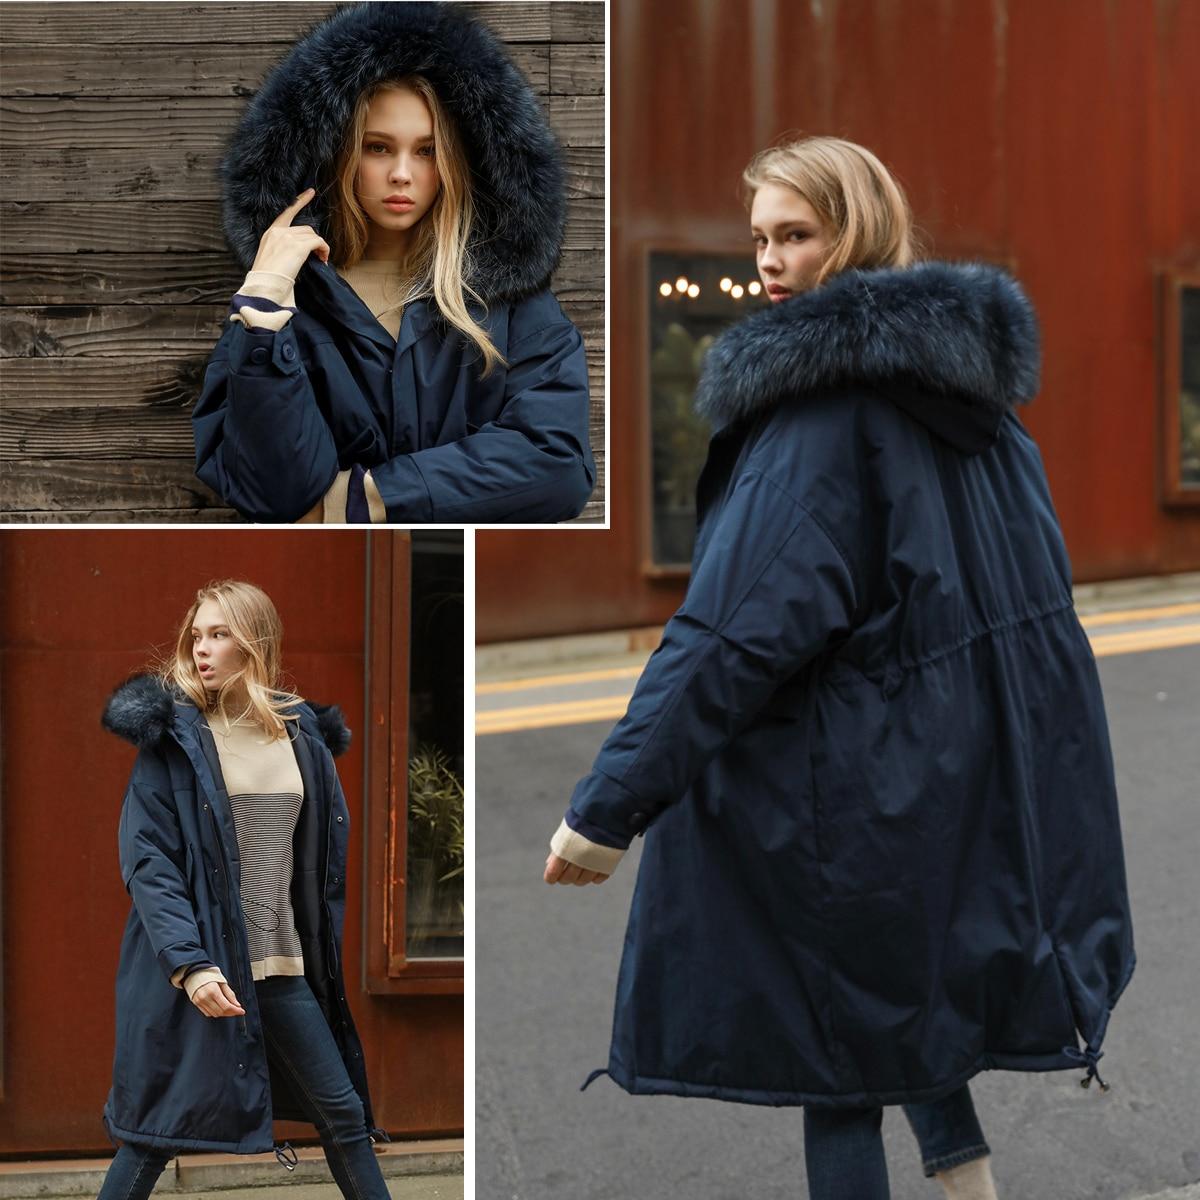 JAZZEVAR 2019 nowy zima kobiety 90% białe kaczki dół kurtki oversize długi płaszcz puchowy duże prawdziwe raccoon parka z futrzanym kapturem w Płaszcze puchowe od Odzież damska na  Grupa 2